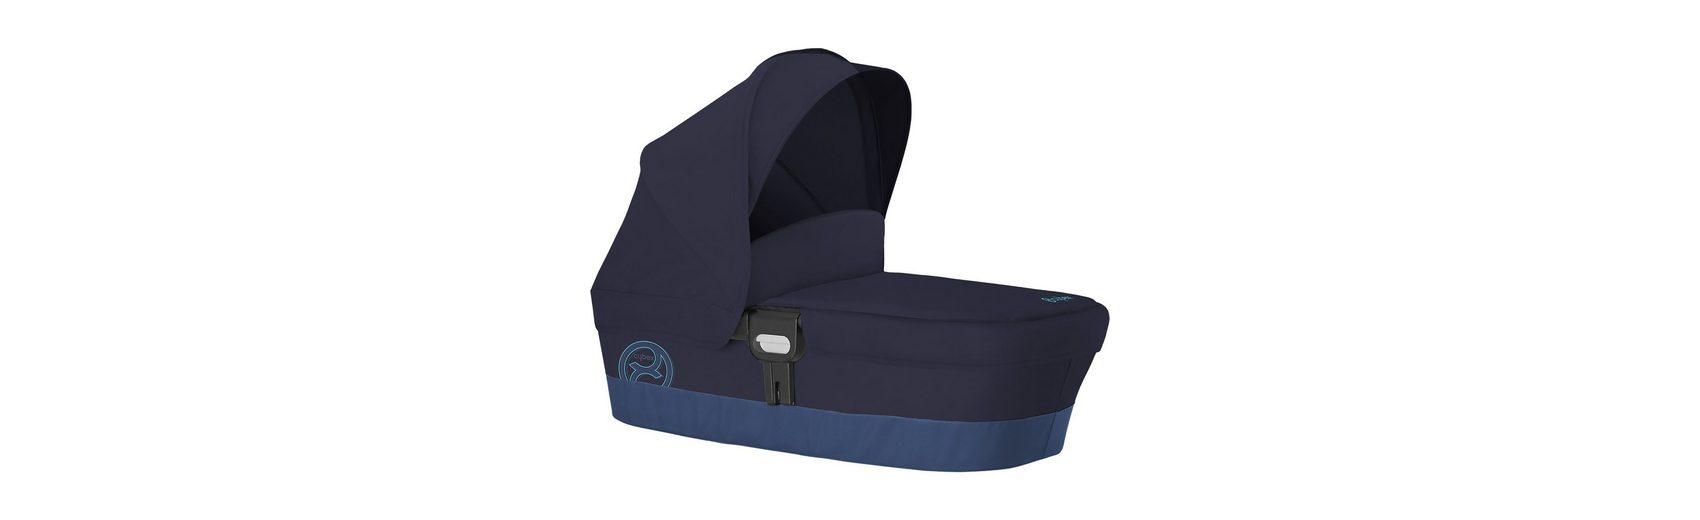 Cybex Kinderwagenaufsatz Carry Cot M, Gold-Line, True Blue, 2016